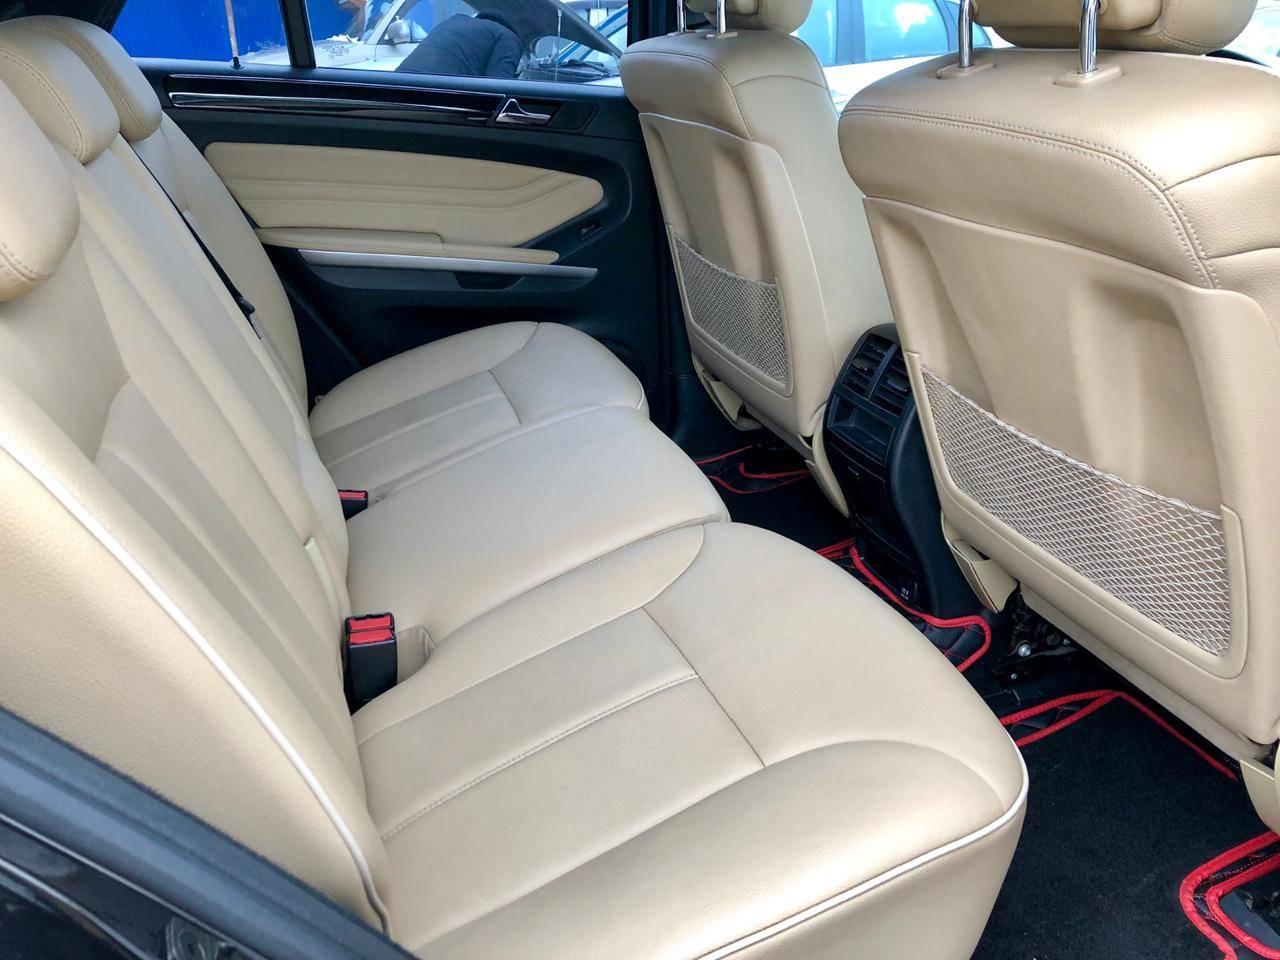 ВыкупимДорого: предложение Mercedez-Benz M-klasse II (W164)